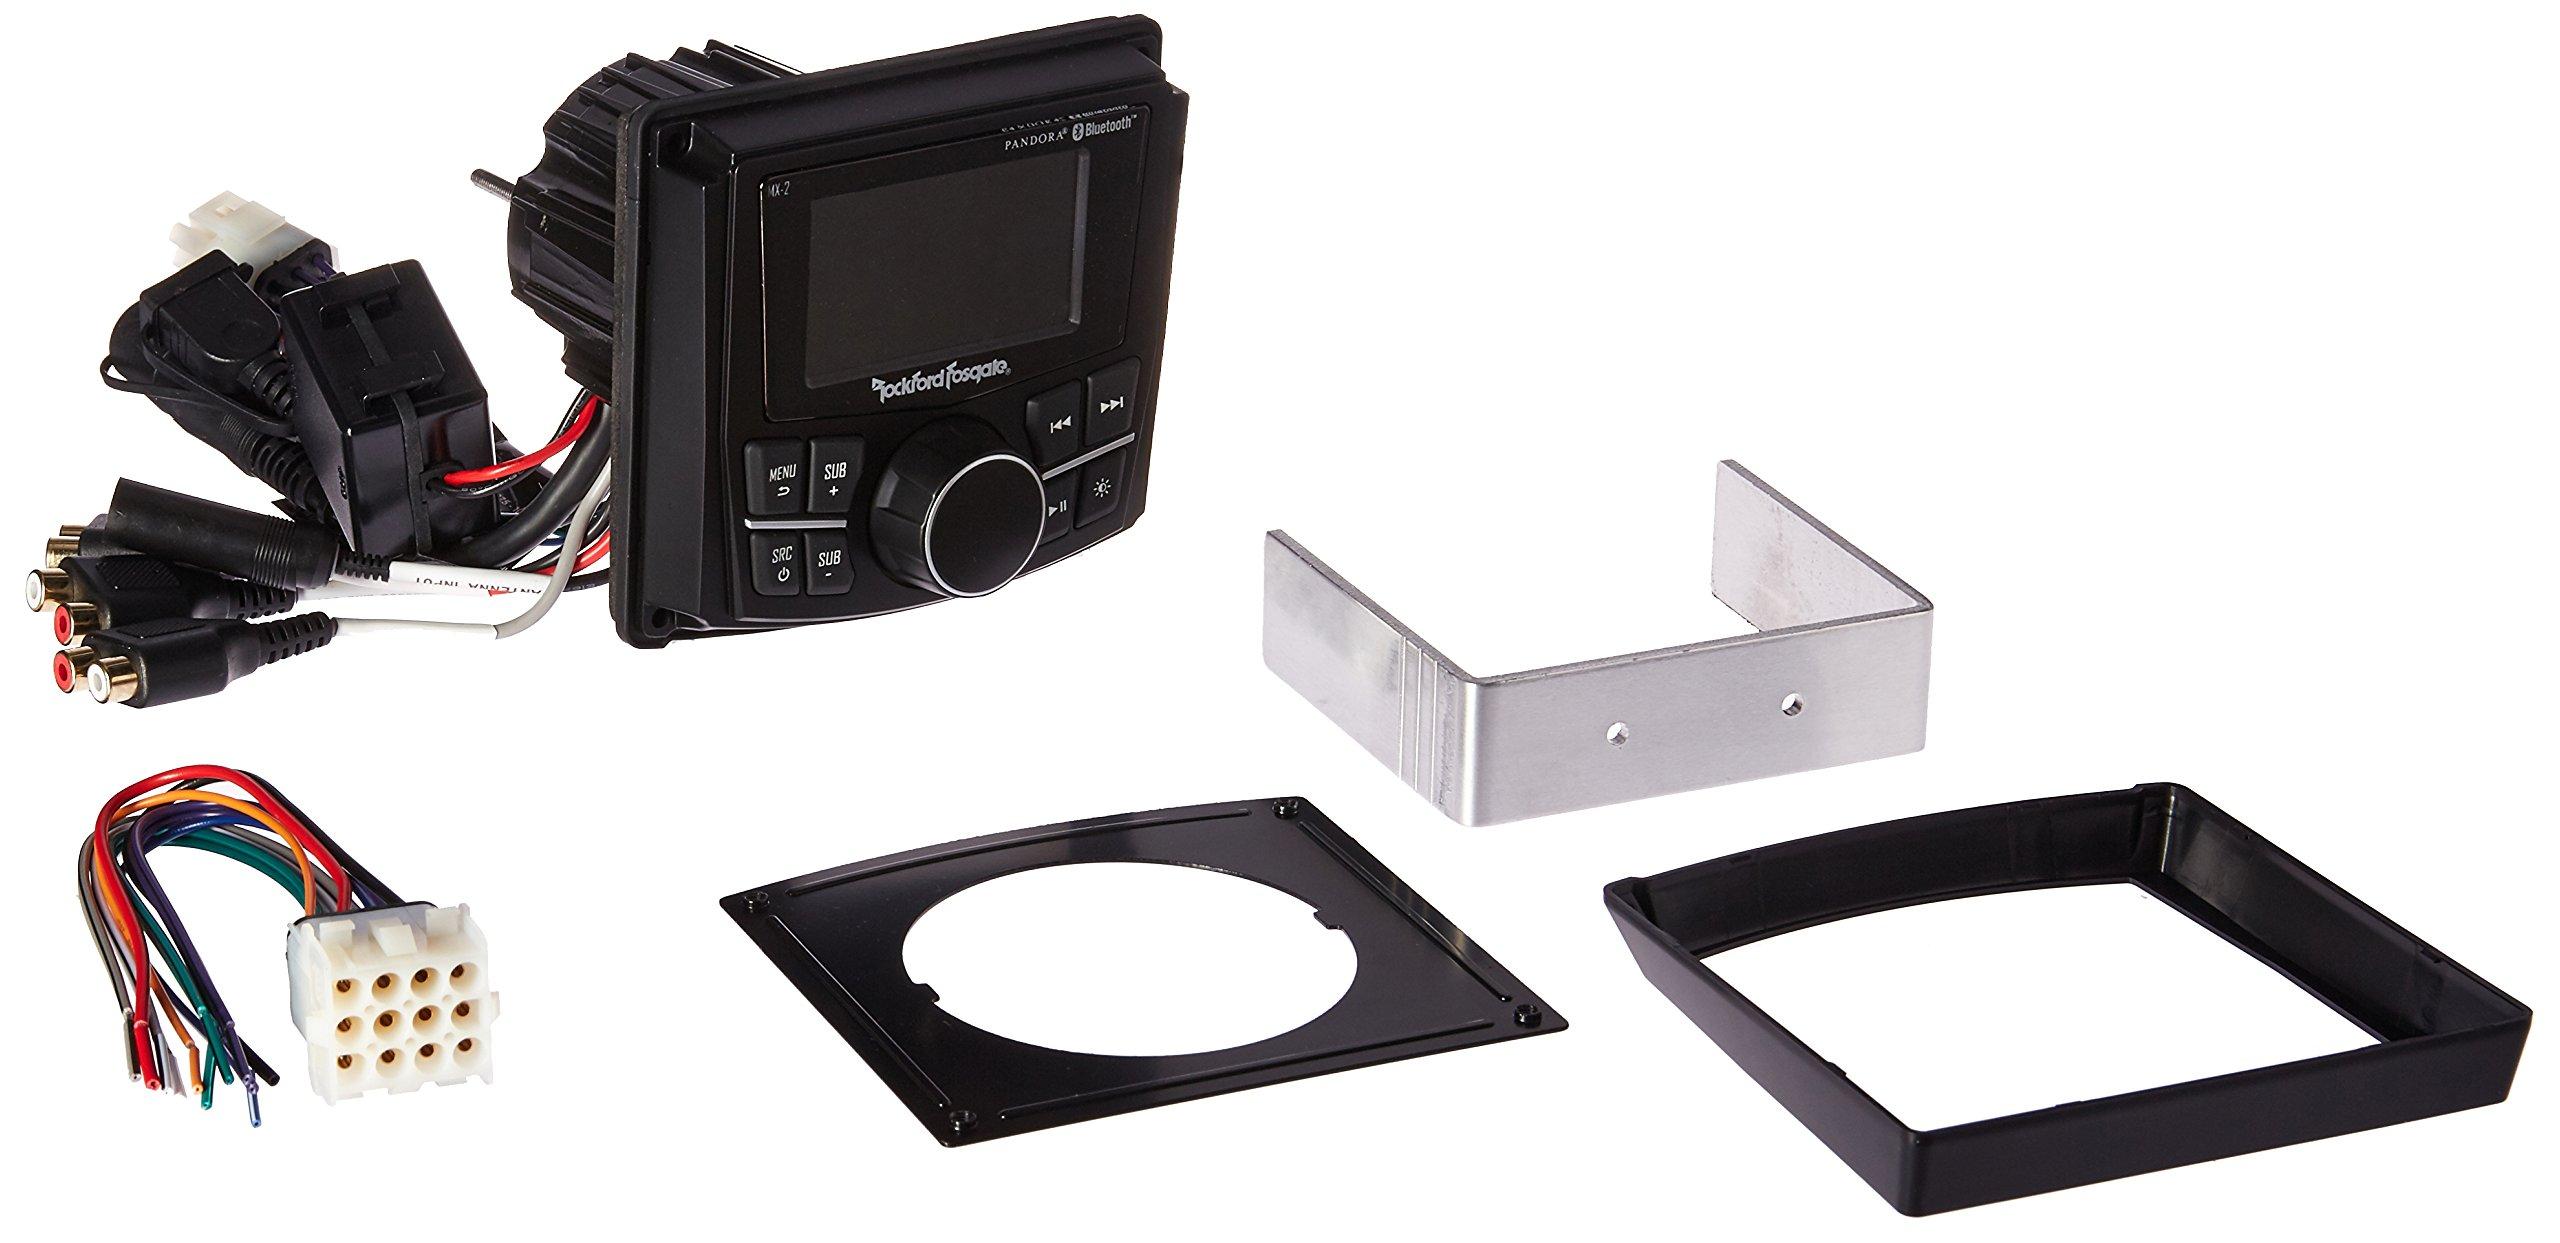 Rockford Fosgate PMX-2 Punch Marine Compact AM/FM/WB Digital Media Receiver 2.7'' Display